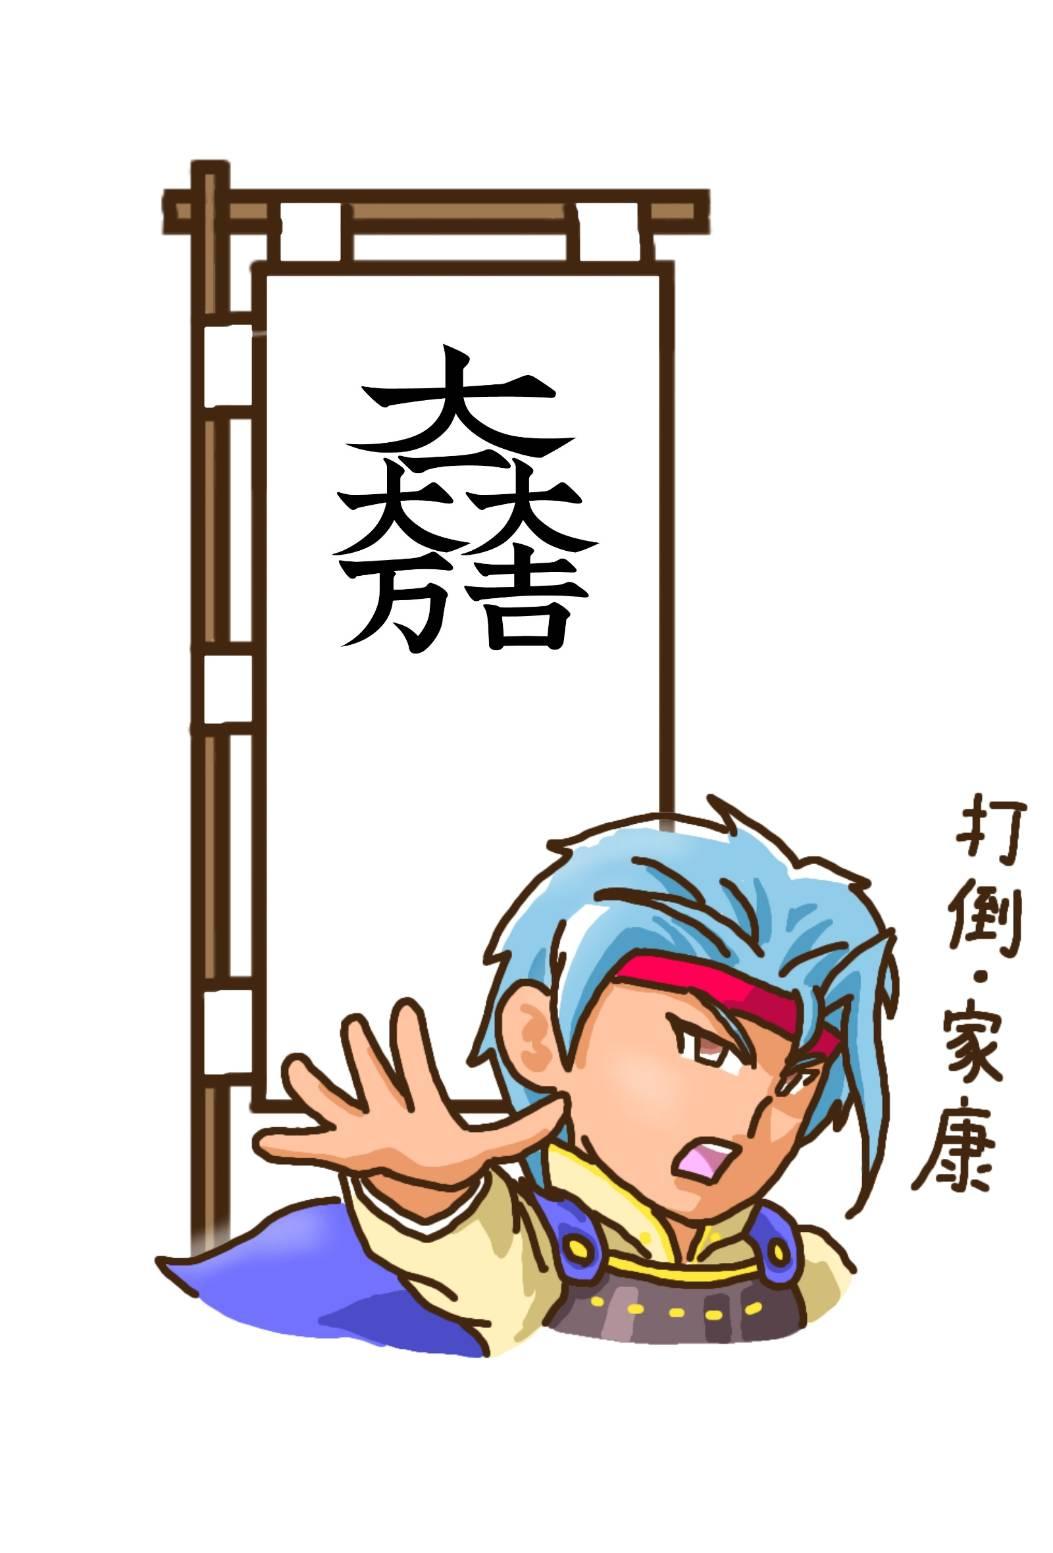 真田幸村の六文銭の意味は?旗を見ればモットーが分かる!【歴史教養クイズ】の画像23